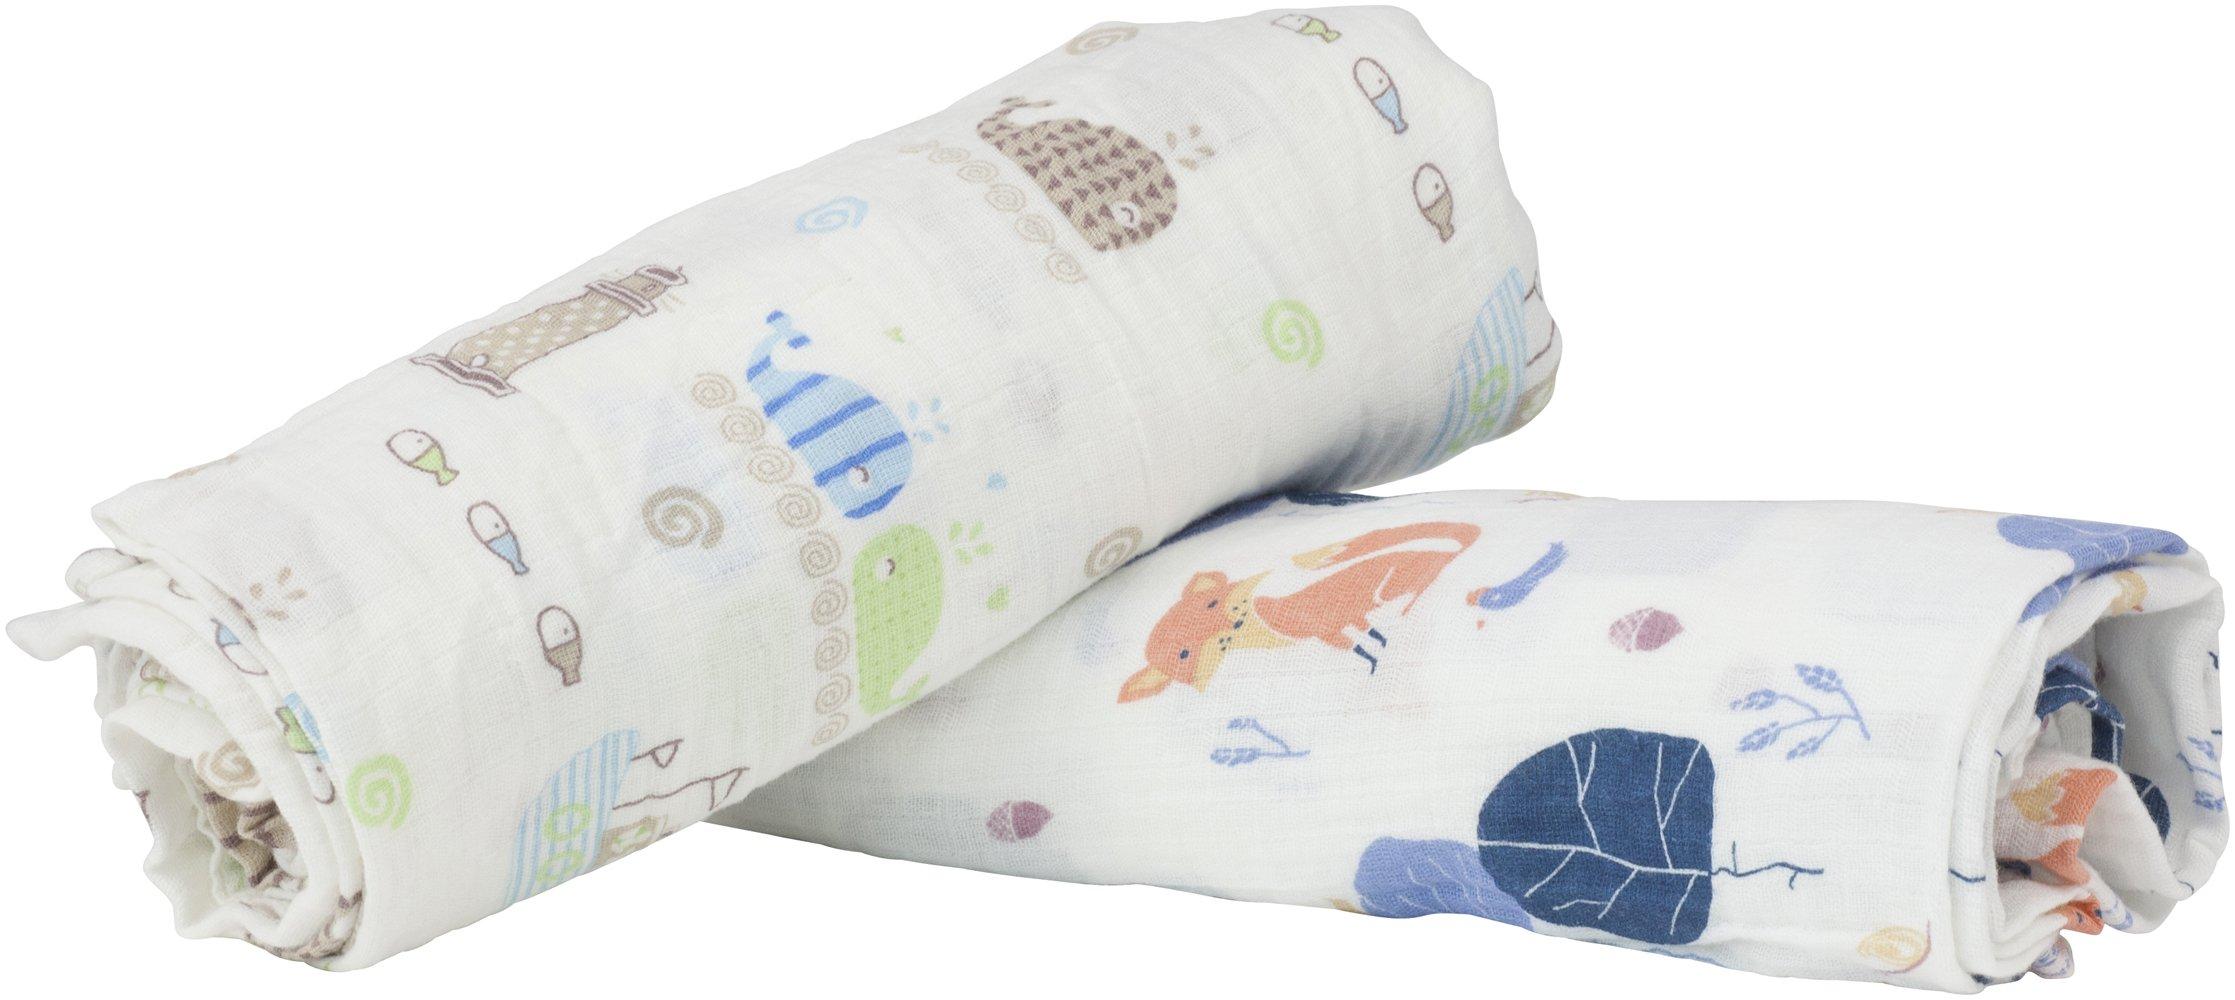 Baby Muslin Swaddle Blankets, Cotton Muslin Swaddle Blankets, Swaddle Blankets for Toddlers, Muslin Swaddle Blankets Unisex, Swaddle Blanket Gift Set, Baby Swaddling Blanket, Swaddle Blankets Gift Set